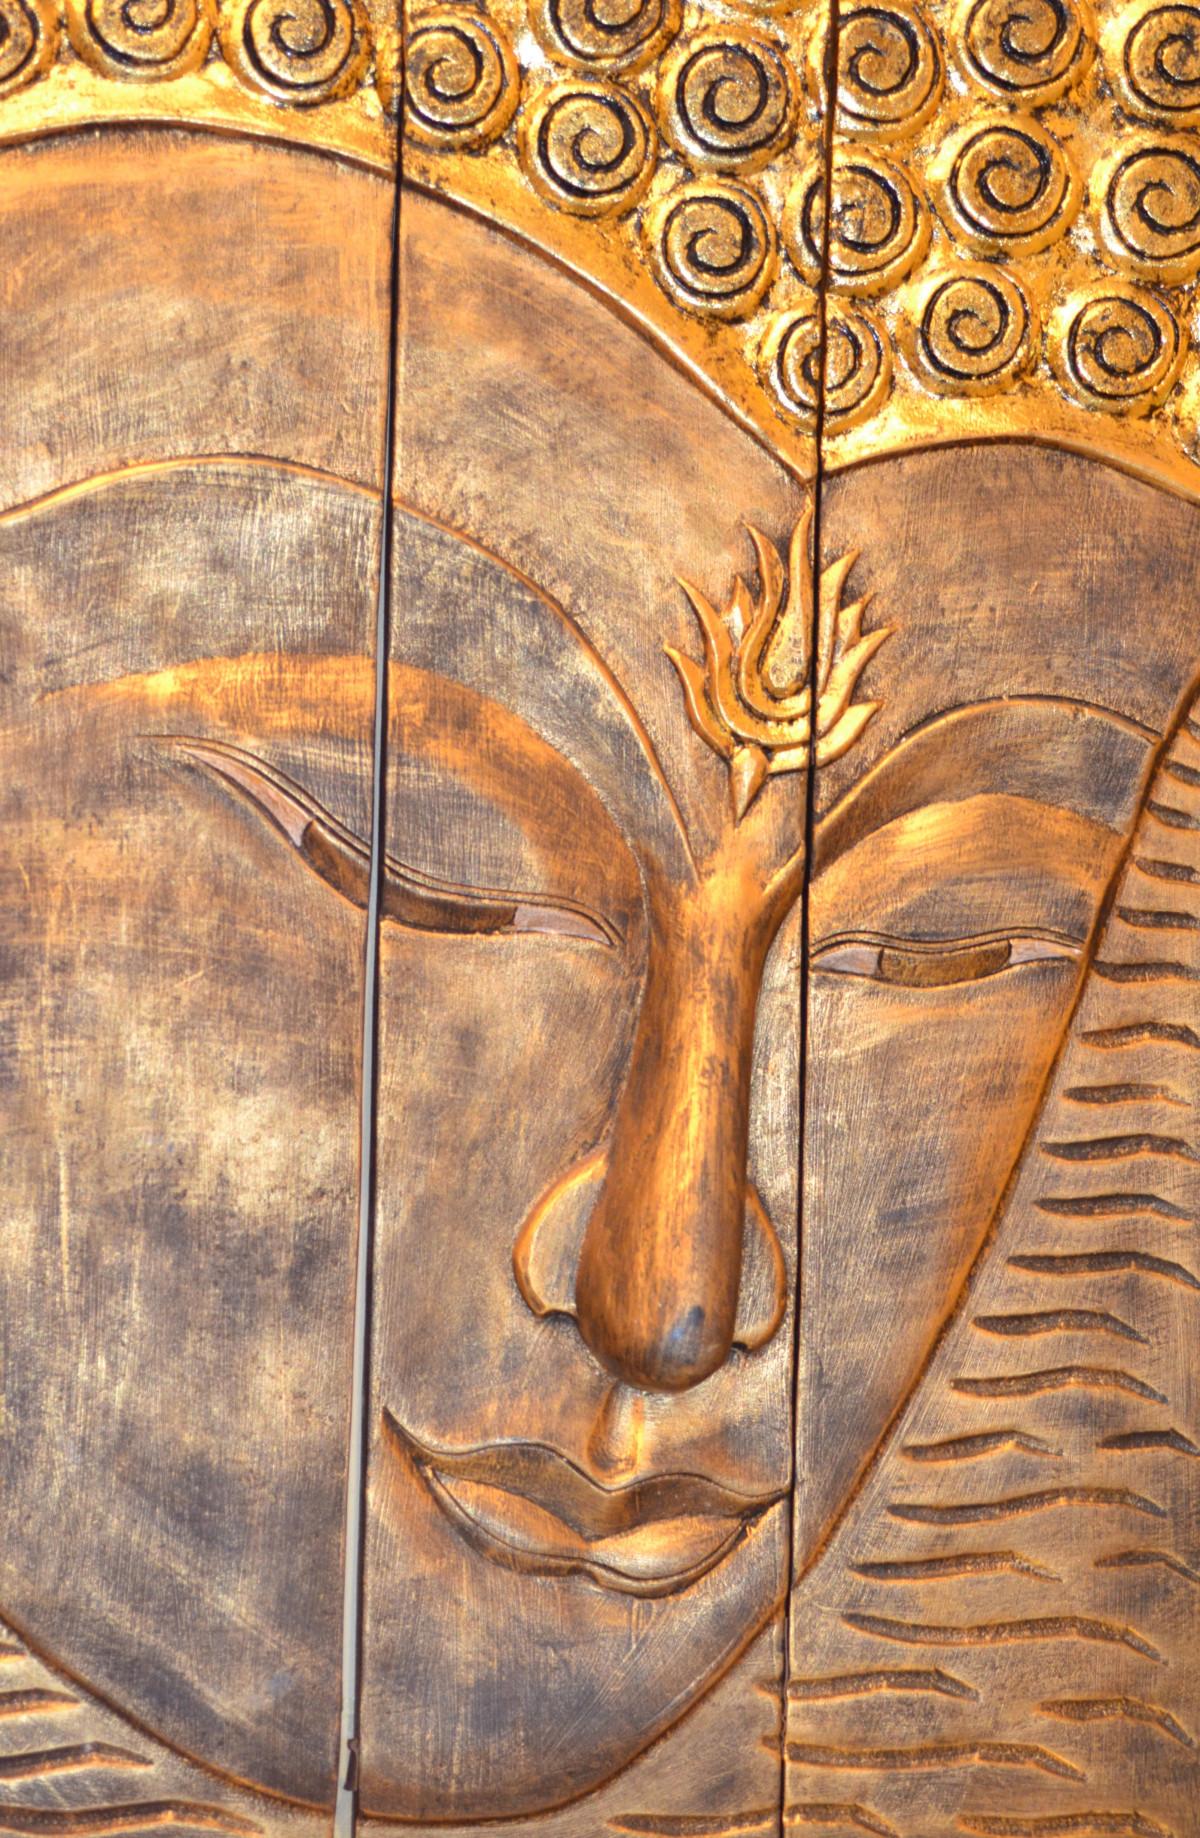 Images Gratuites Bois Texture Sol La Peinture Dessin